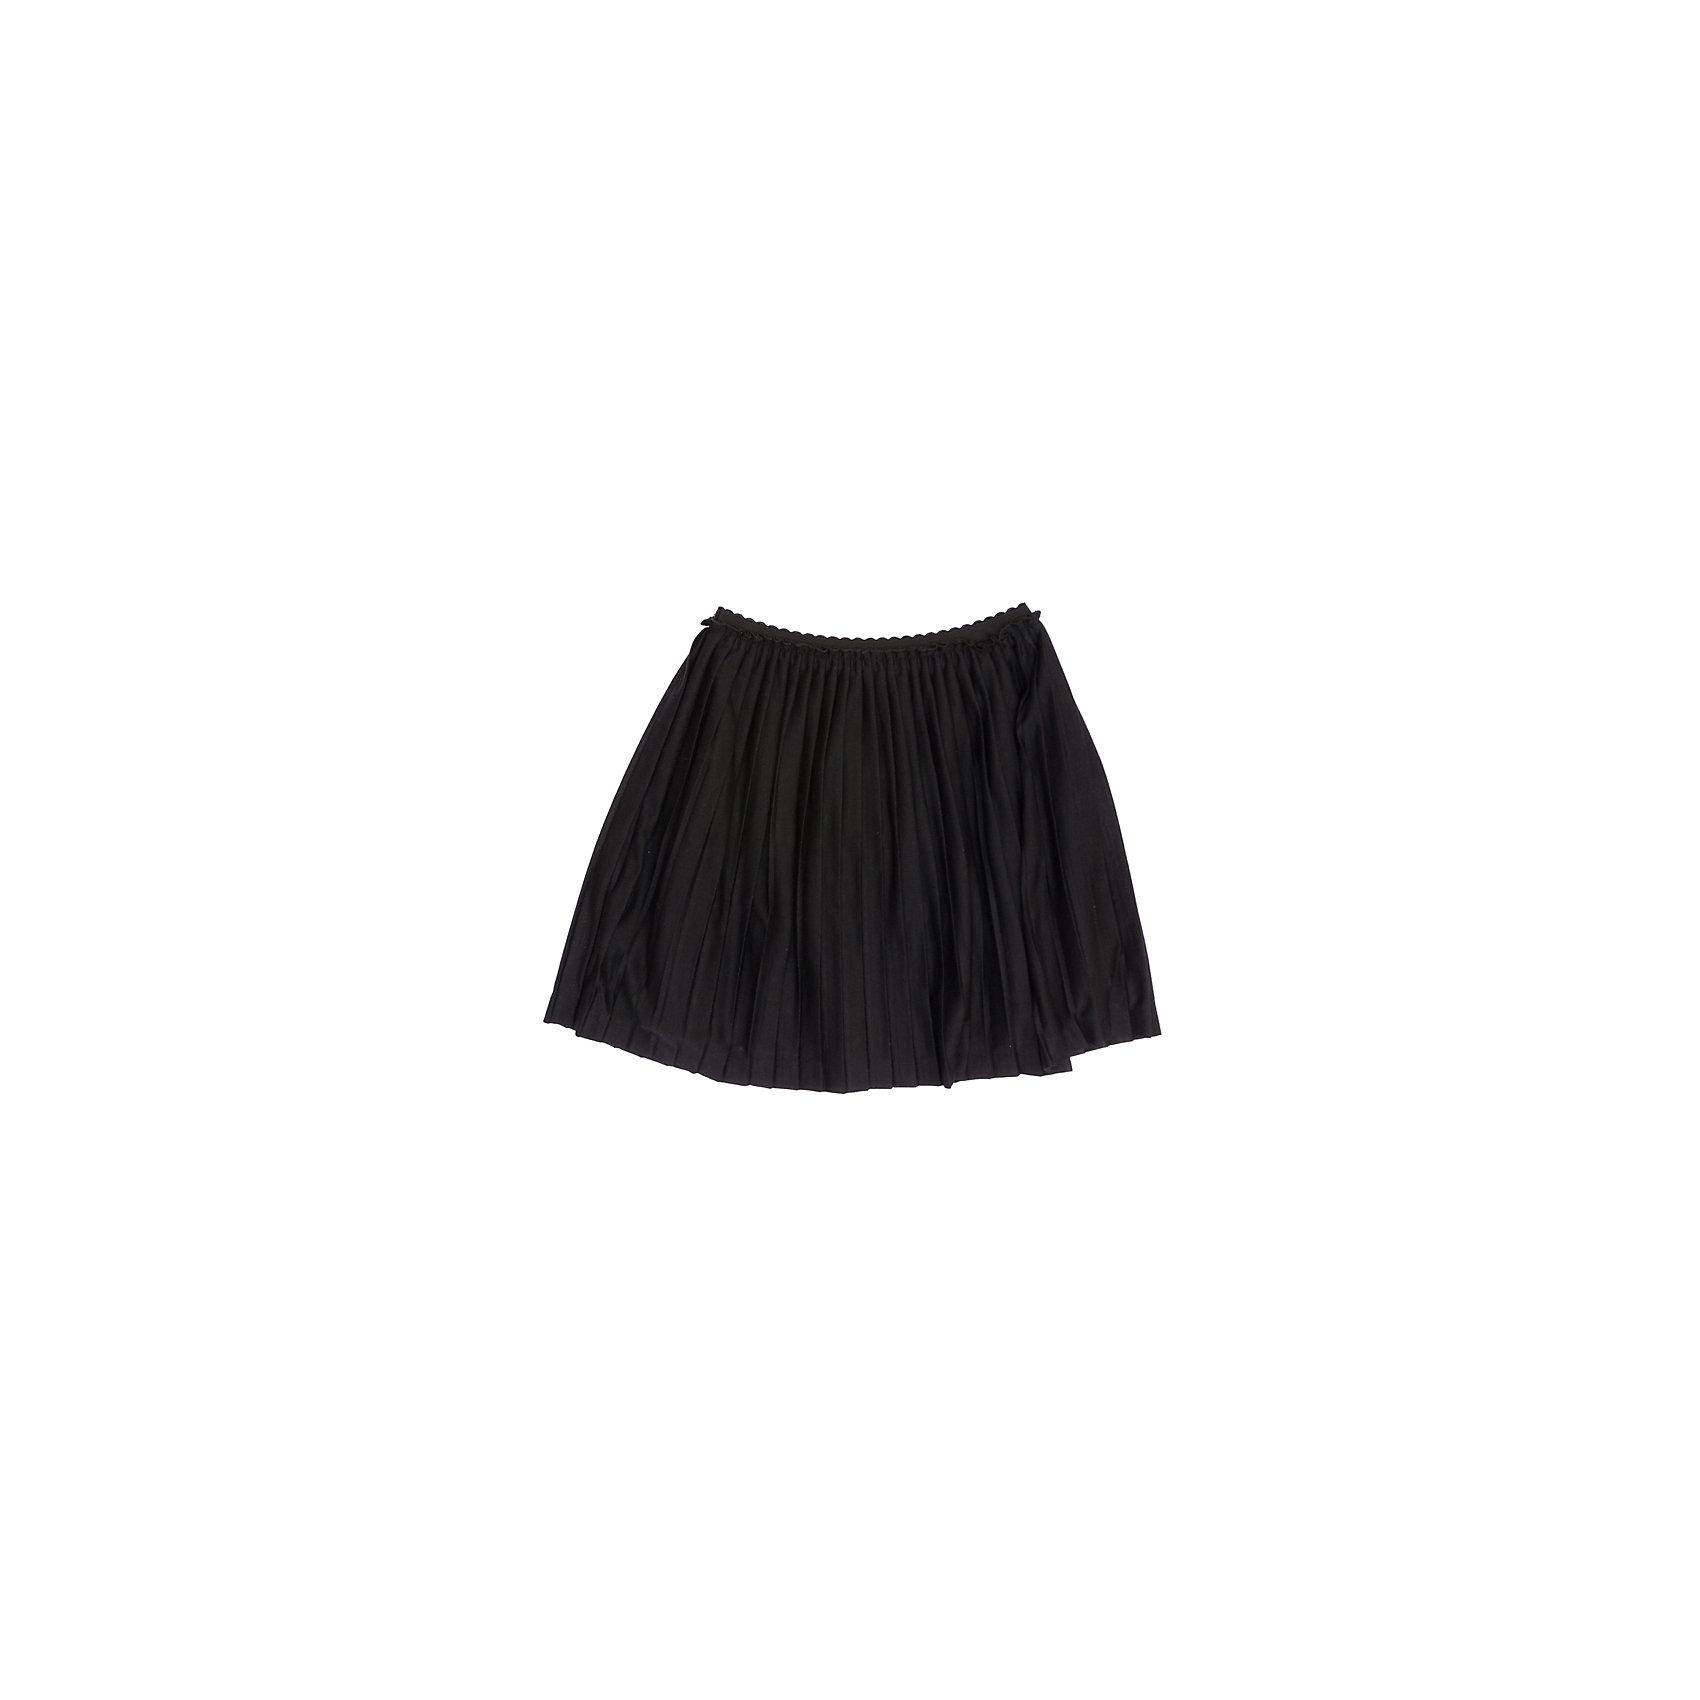 Юбка для девочки ScoolЮбки<br>Юбка для девочки Scool<br>Плиссированная юбка.<br><br>Мягкая хлопковая подкладка обеспечивает дополнительное удобство. Пояс на трикотажной резинке. Универсальный  цвет позволяет сочетать ее  с любой одеждой и аксессуарами.<br>Состав:<br>100% полиэстер<br><br>Ширина мм: 207<br>Глубина мм: 10<br>Высота мм: 189<br>Вес г: 183<br>Цвет: черный<br>Возраст от месяцев: 120<br>Возраст до месяцев: 132<br>Пол: Женский<br>Возраст: Детский<br>Размер: 146,128,134,140,152,158,164,122<br>SKU: 6754324